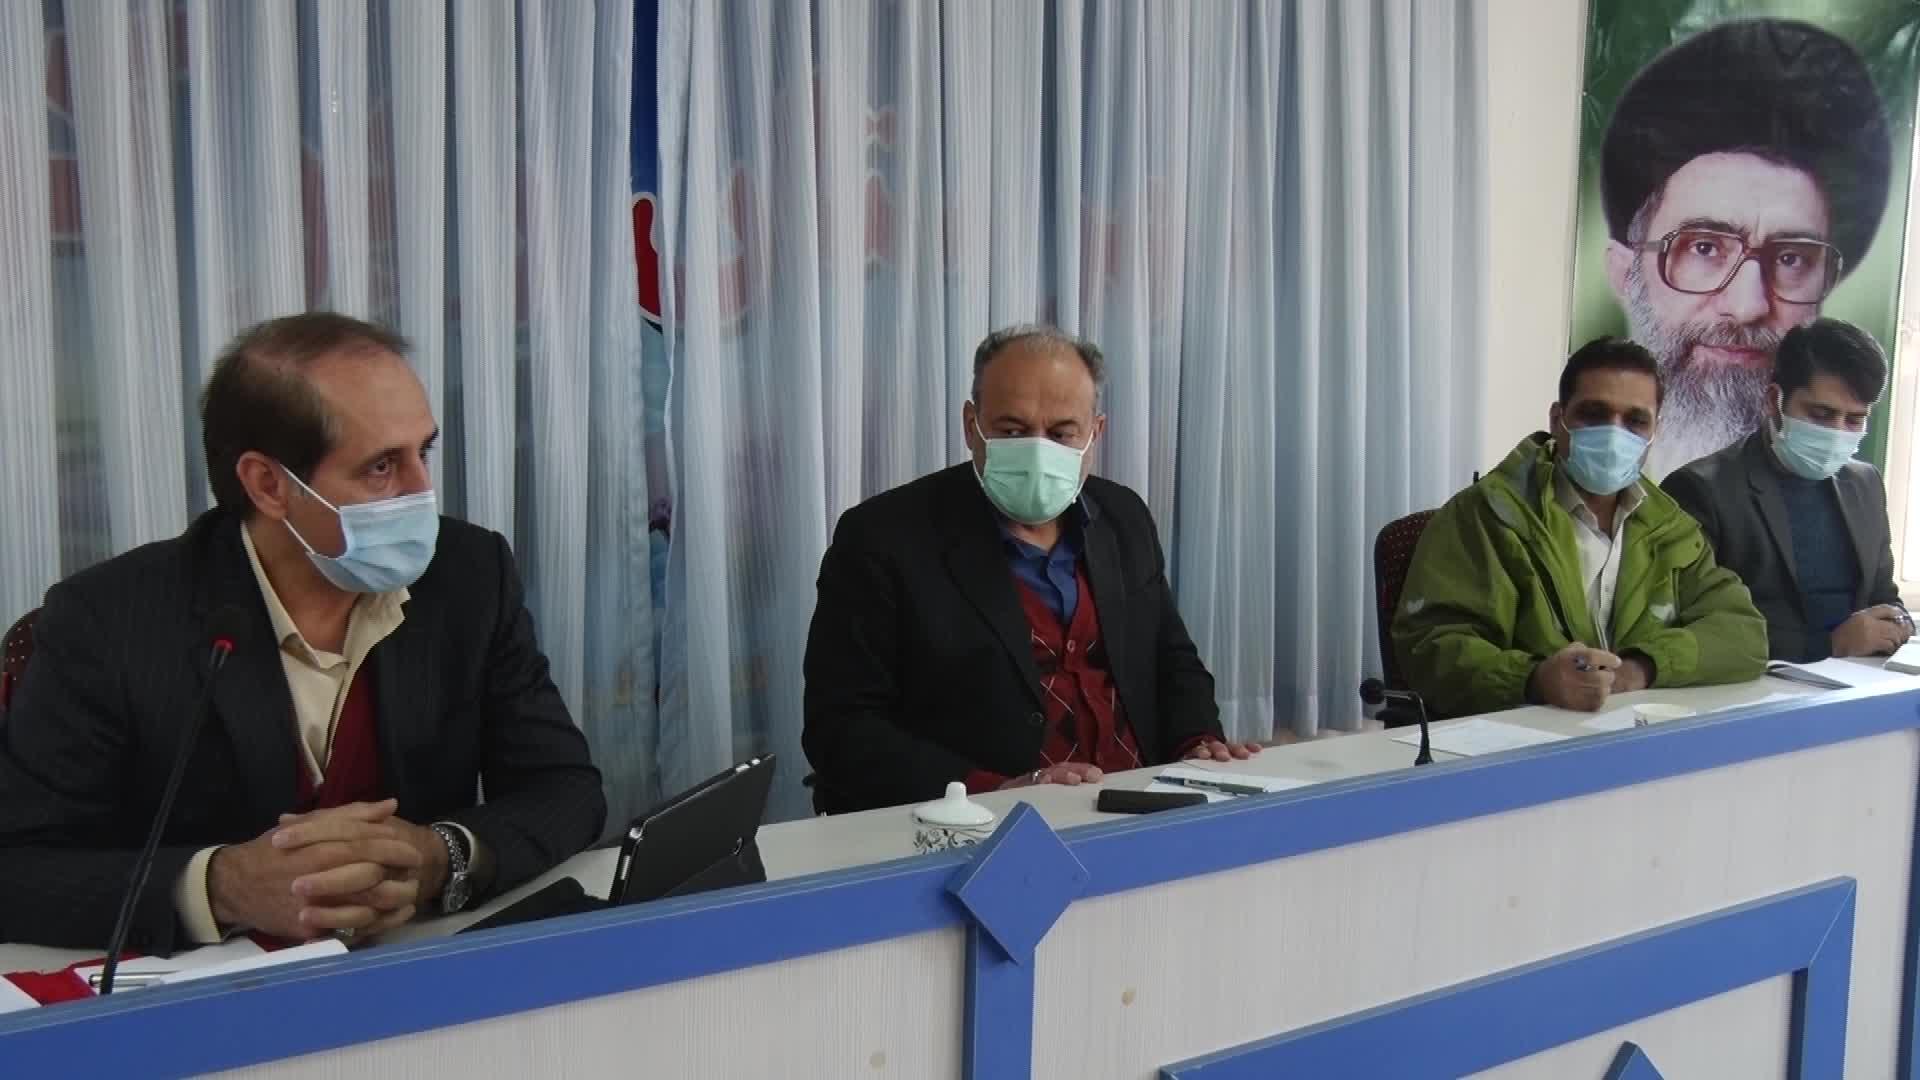 اشتغال ۳۹۳ نفر در شهرستان زیرکوه با دریافت تسهیلات کارا